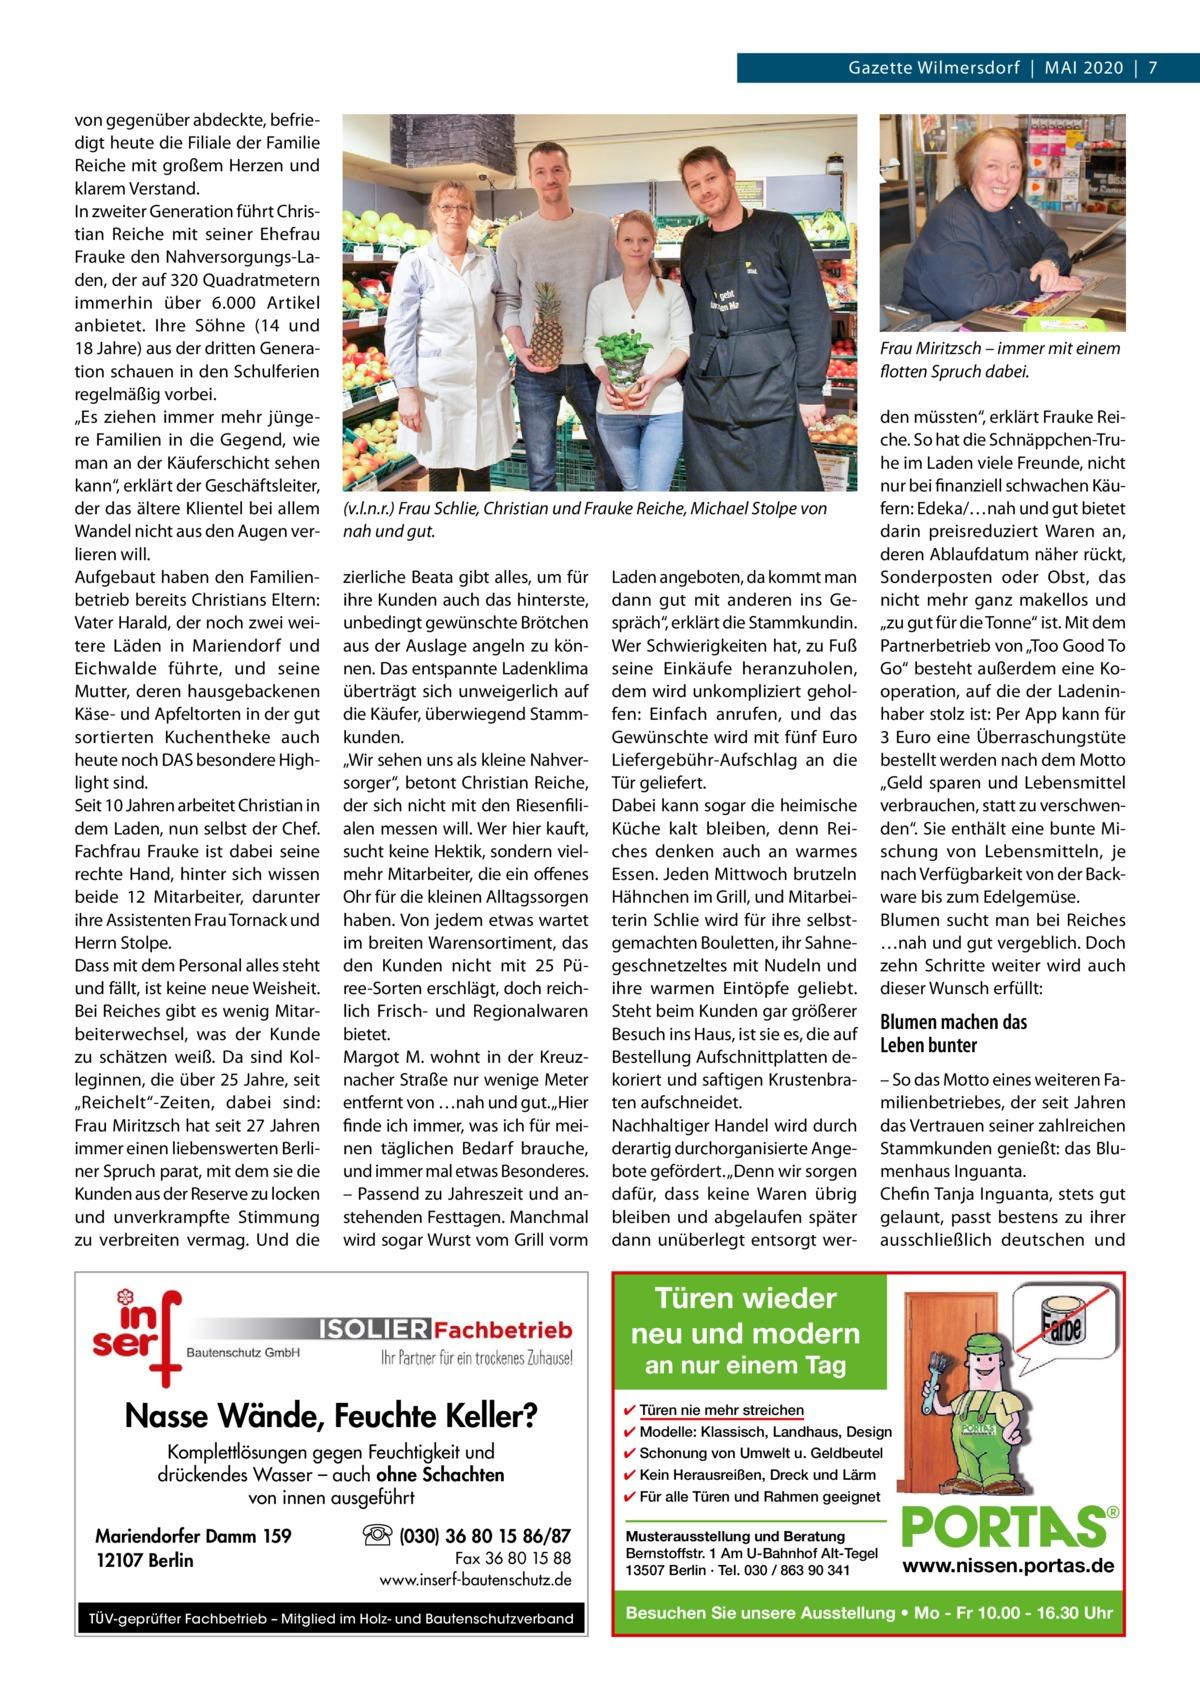 """Gazette Wilmersdorf Mai 2020 7 von gegenüber abdeckte, befriedigt heute die Filiale der Familie Reiche mit großem Herzen und klarem Verstand. In zweiter Generation führt Christian Reiche mit seiner Ehefrau Frauke den Nahversorgungs-Laden, der auf 320Quadratmetern immerhin über 6.000 Artikel anbietet. Ihre Söhne (14 und 18Jahre) aus der dritten Generation schauen in den Schulferien regelmäßig vorbei. """"Es ziehen immer mehr jüngere Familien in die Gegend, wie man an der Käuferschicht sehen kann"""", erklärt der Geschäftsleiter, der das ältere Klientel bei allem Wandel nicht aus den Augen verlieren will. Aufgebaut haben den Familienbetrieb bereits Christians Eltern: Vater Harald, der noch zwei weitere Läden in Mariendorf und Eichwalde führte, und seine Mutter, deren hausgebackenen Käse- und Apfeltorten in der gut sortierten Kuchentheke auch heute noch DAS besondere Highlight sind. Seit 10Jahren arbeitet Christian in dem Laden, nun selbst der Chef. Fachfrau Frauke ist dabei seine rechte Hand, hinter sich wissen beide 12 Mitarbeiter, darunter ihre Assistenten Frau Tornack und Herrn Stolpe. Dass mit dem Personal alles steht und fällt, ist keine neue Weisheit. Bei Reiches gibt es wenig Mitarbeiterwechsel, was der Kunde zu schätzen weiß. Da sind Kolleginnen, die über 25Jahre, seit """"Reichelt""""-Zeiten, dabei sind: Frau Miritzsch hat seit 27Jahren immer einen liebenswerten Berliner Spruch parat, mit dem sie die Kunden aus der Reserve zu locken und unverkrampfte Stimmung zu verbreiten vermag. Und die  Frau Miritzsch – immer mit einem flotten Spruch dabei.  (v.l.n.r.) Frau Schlie, Christian und Frauke Reiche, Michael Stolpe von nah und gut. zierliche Beata gibt alles, um für ihre Kunden auch das hinterste, unbedingt gewünschte Brötchen aus der Auslage angeln zu können. Das entspannte Ladenklima überträgt sich unweigerlich auf die Käufer, überwiegend Stammkunden. """"Wir sehen uns als kleine Nahversorger"""", betont Christian Reiche, der sich nicht mit den Riesenfilialen messen will. Wer hi"""